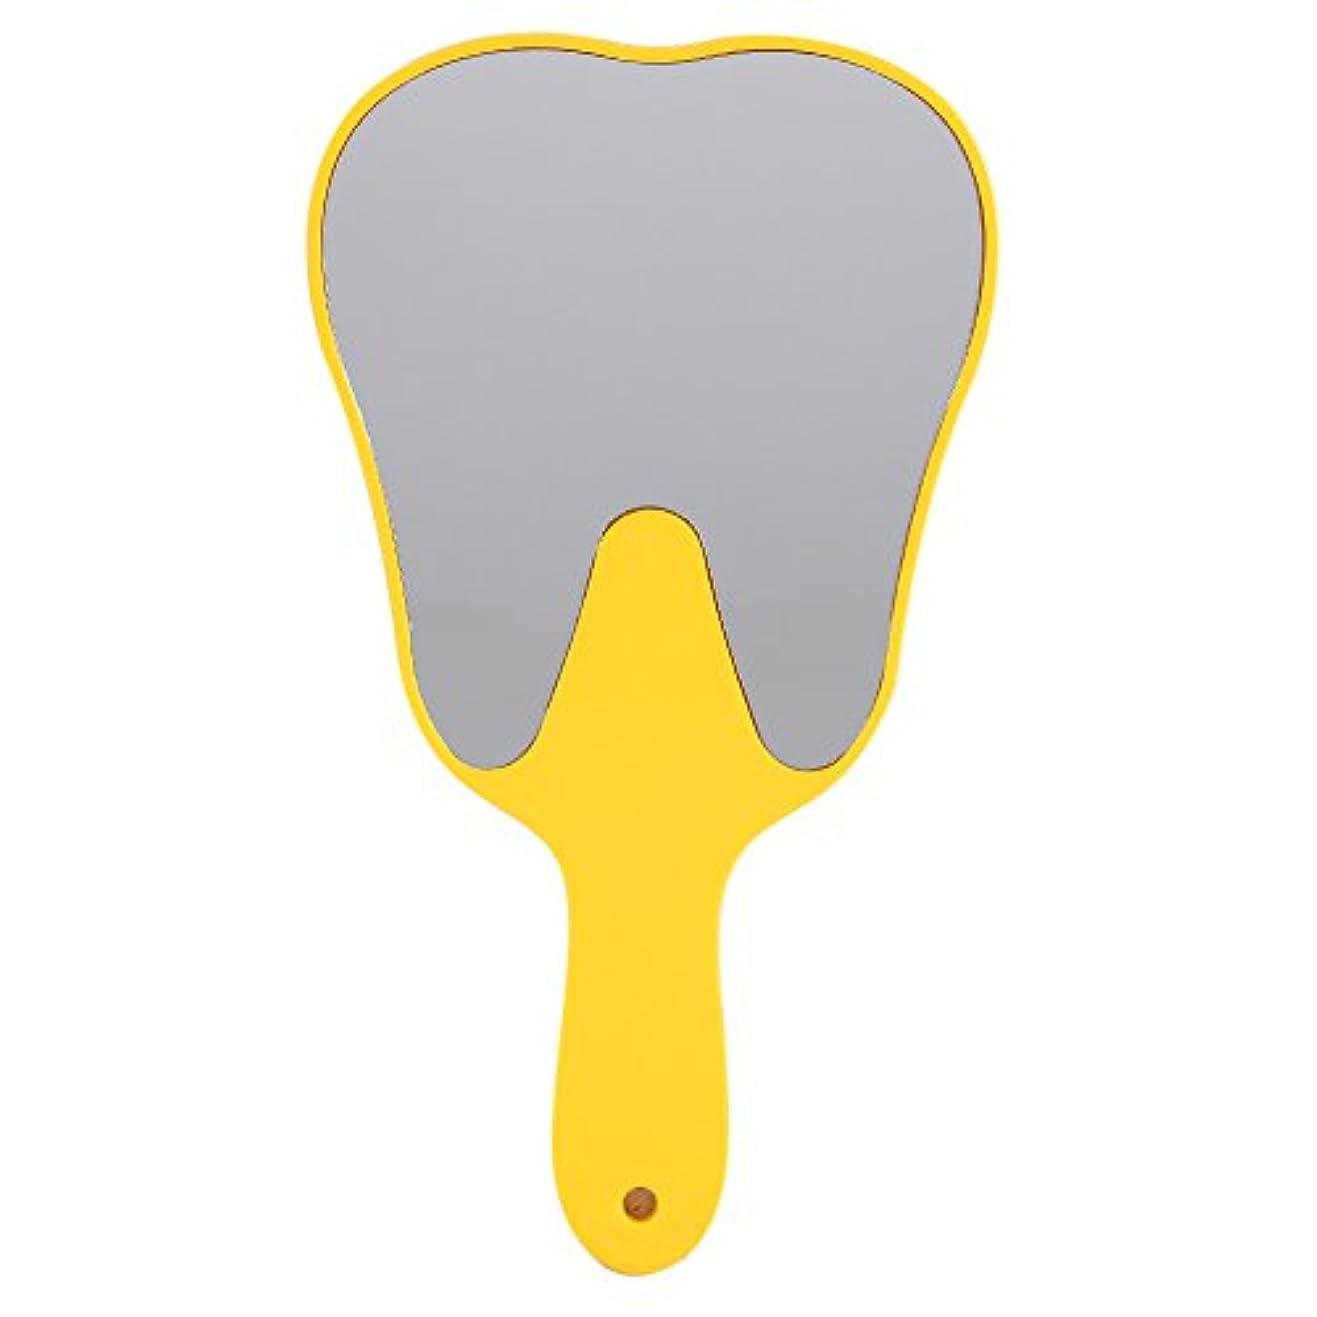 マネージャー修羅場精査するおしゃれな便利なかわいいプラスチックハンドル歯歯科ケアハンドミラーツール(黄色)